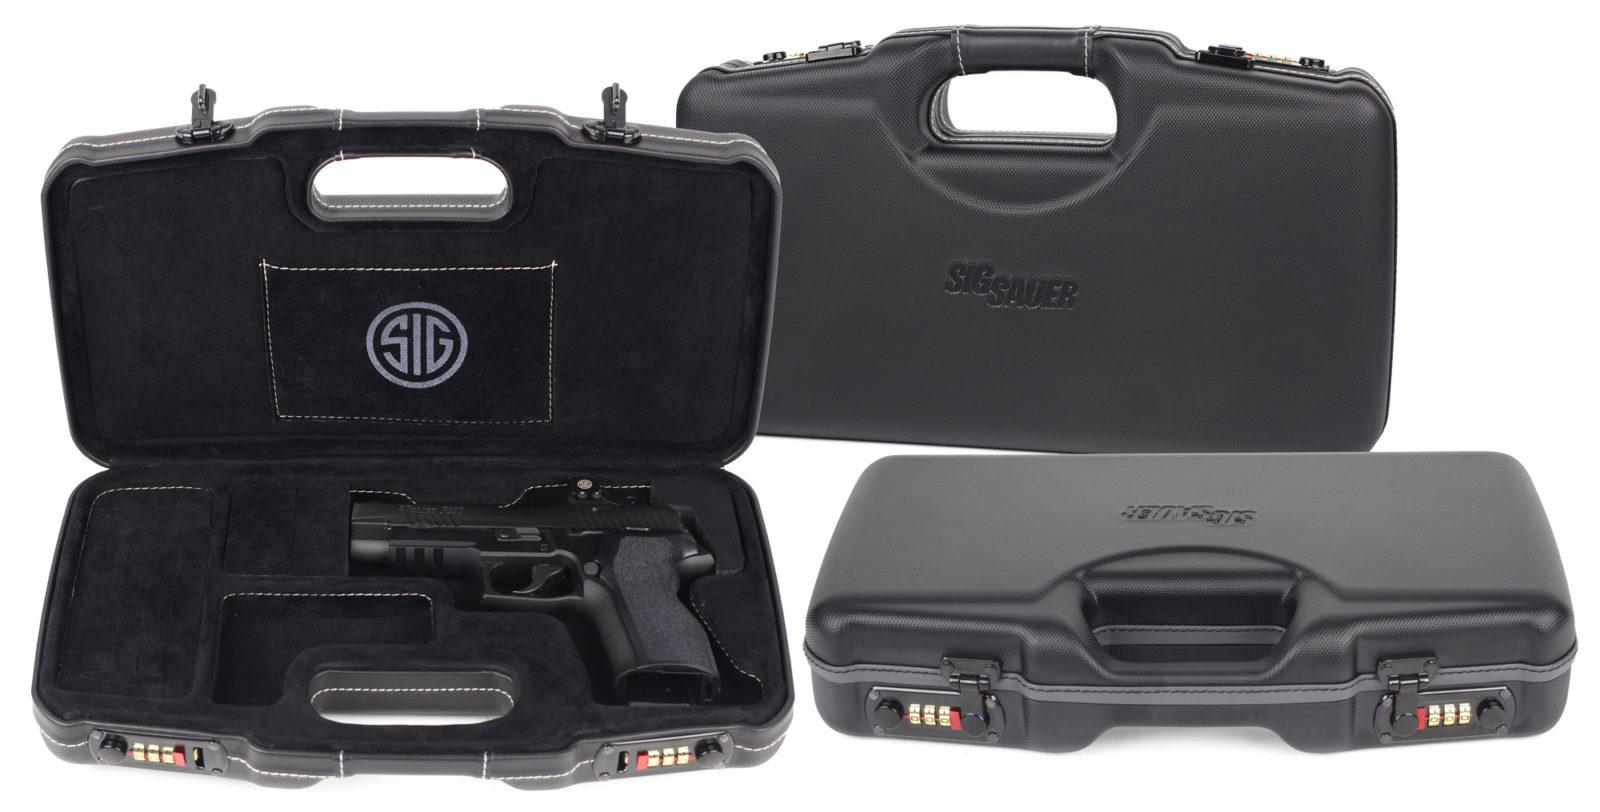 SIG SAUER® Luxury Handgun Cases lineup